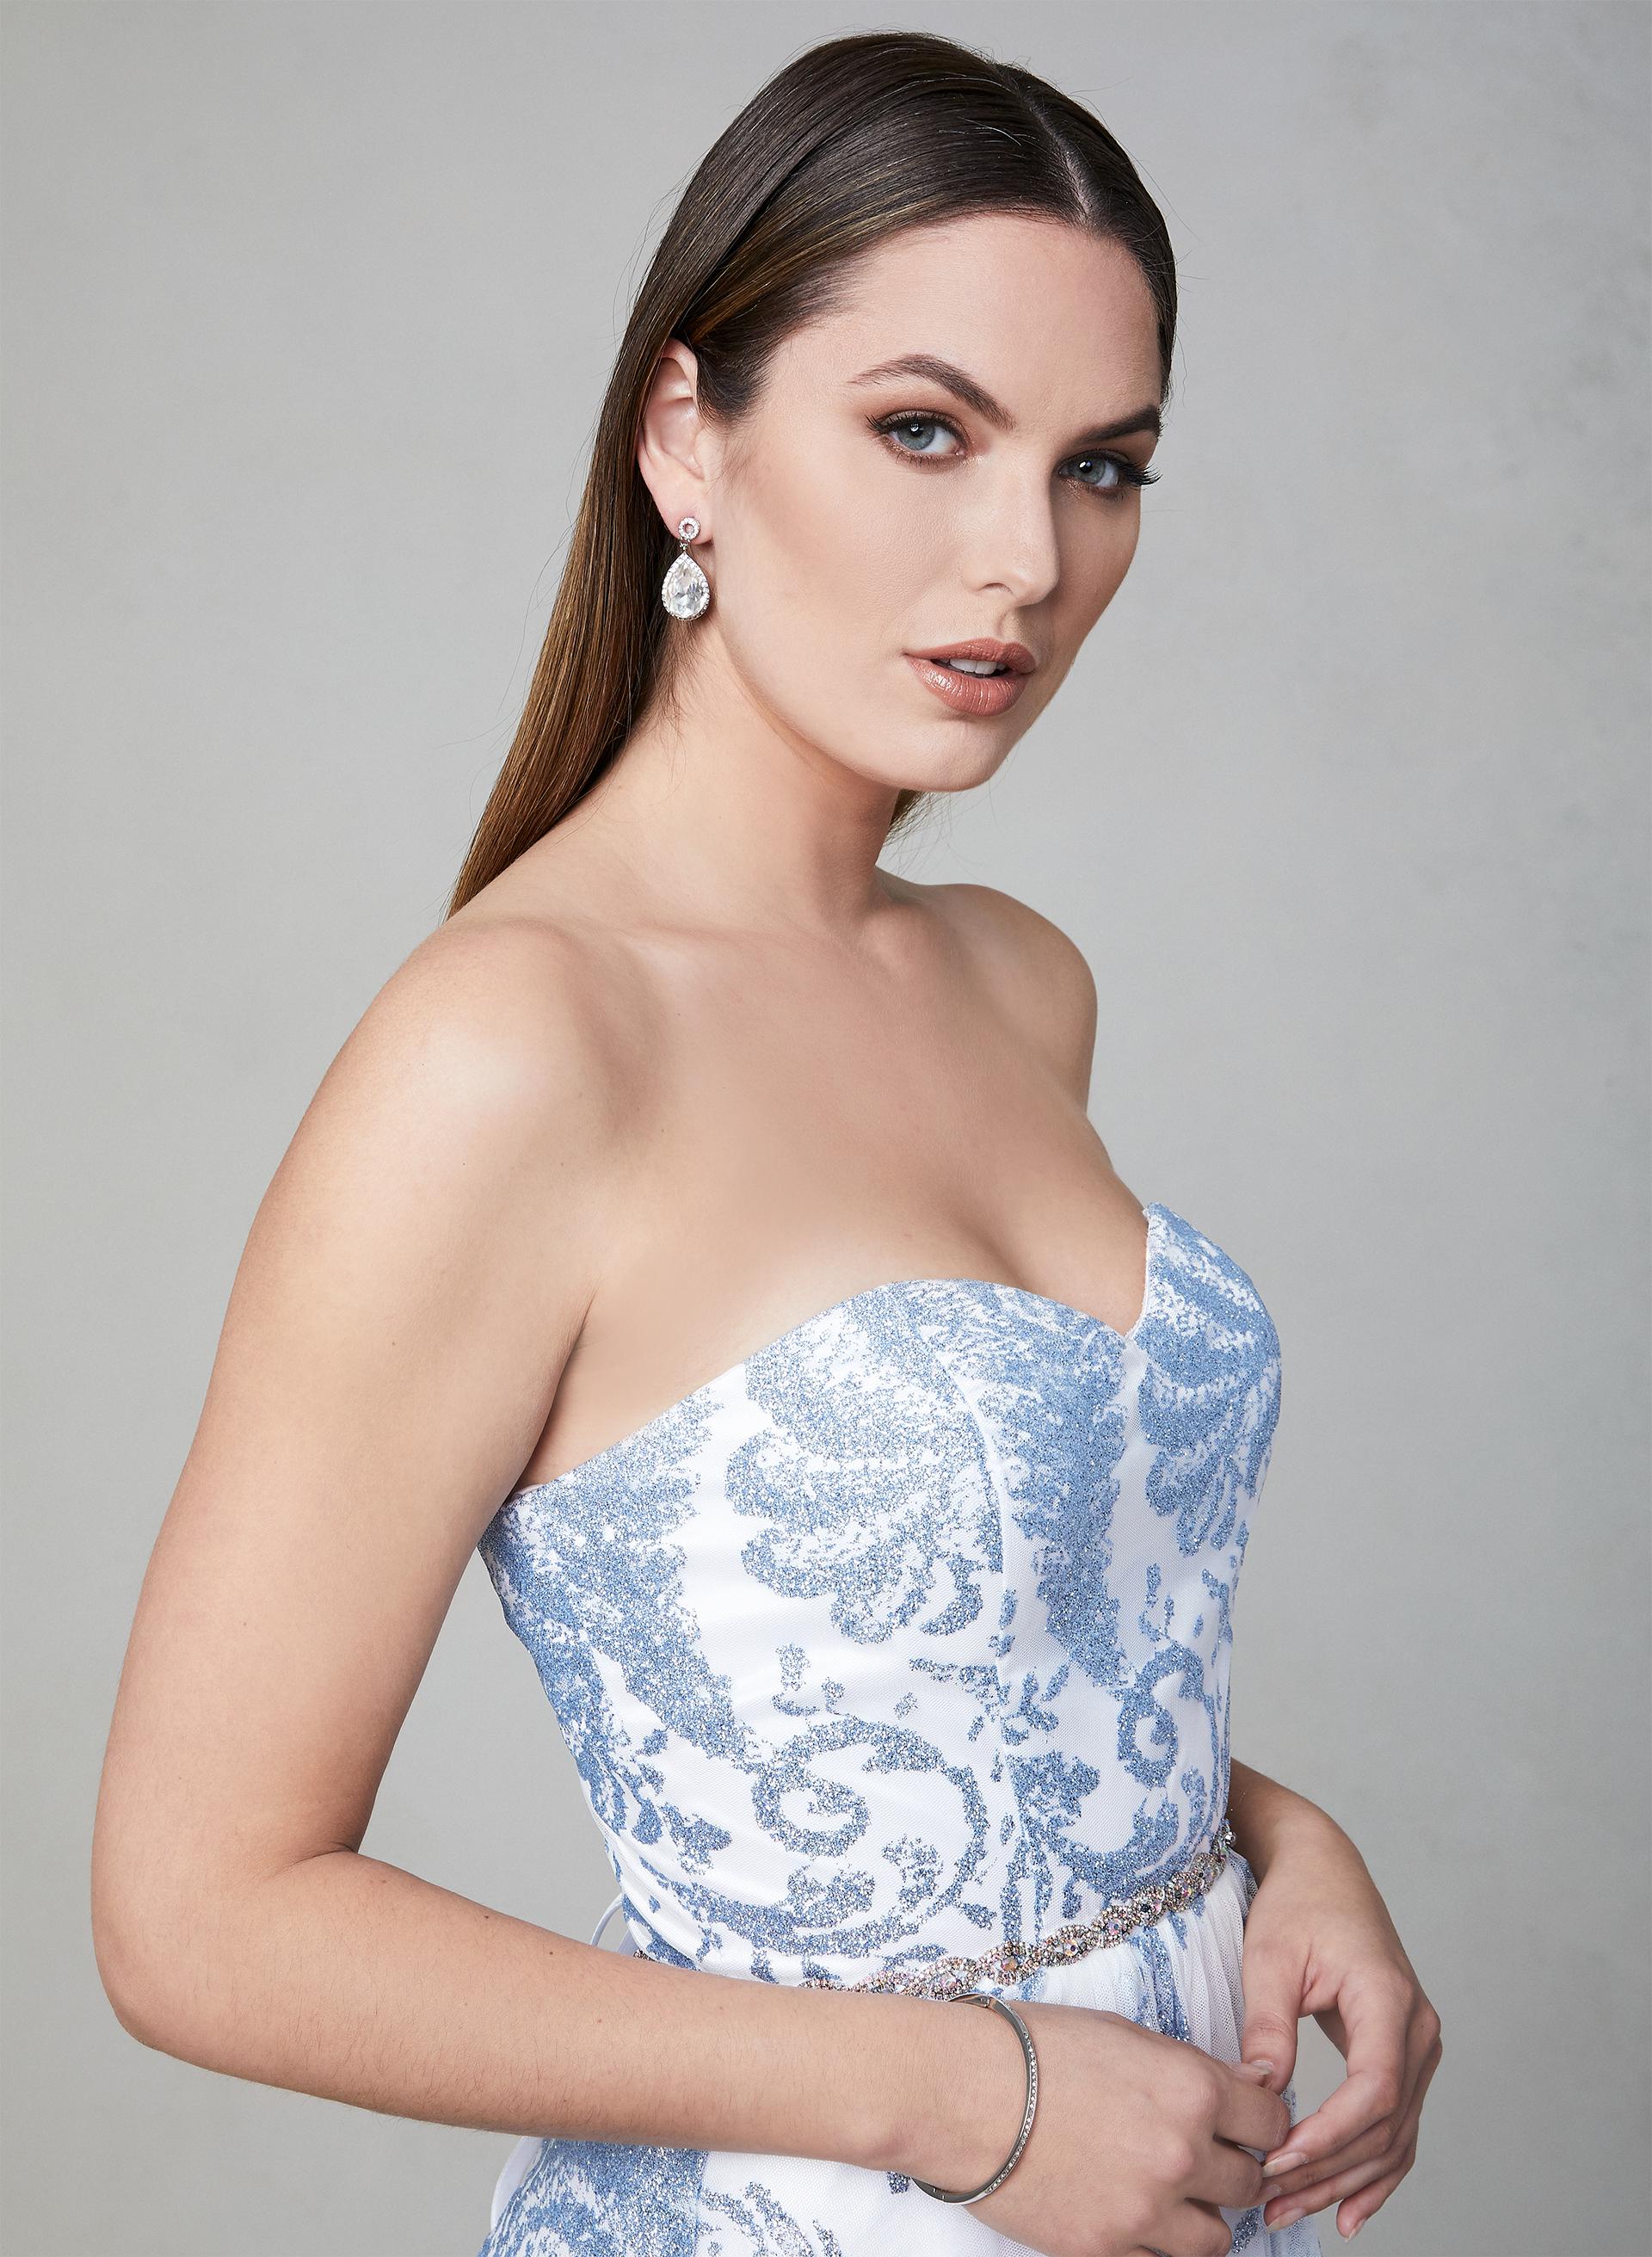 e973880ea29c ... Cachet - Strapless Glitter Gown, White, hi-res